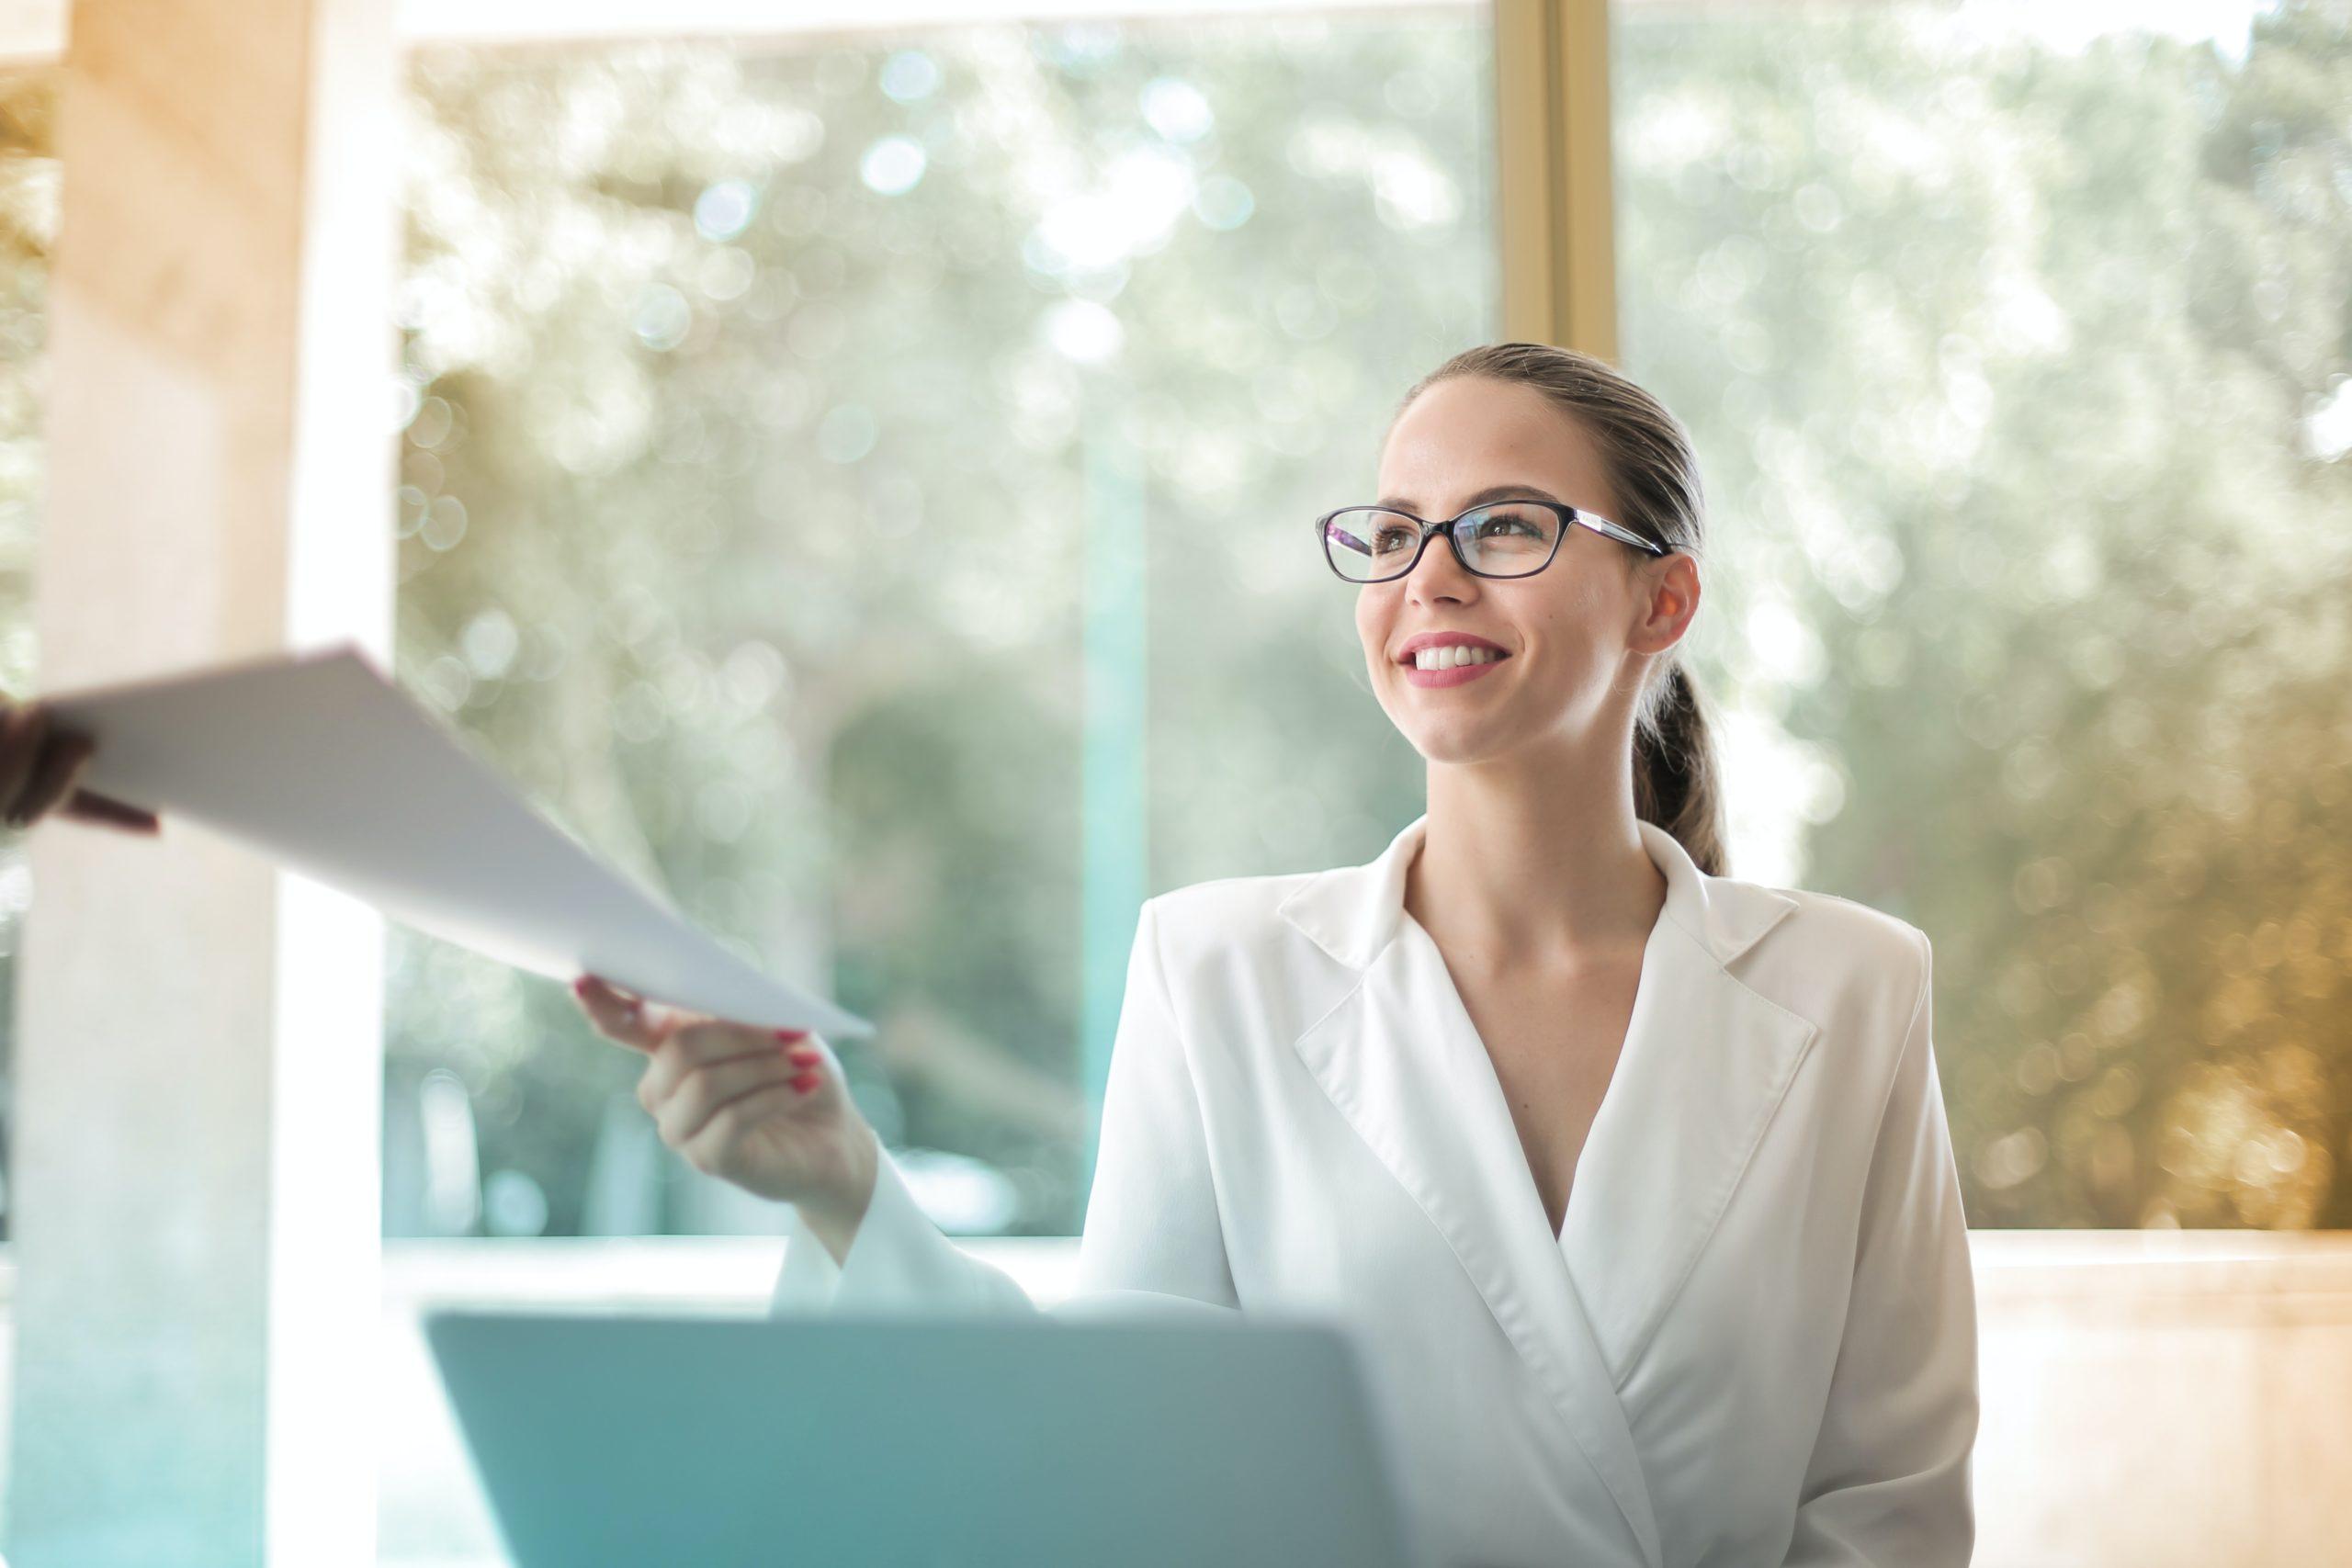 Réponse apporté par FIT in NETWORK® , mission de finance, poursuite d'activité durant un congé maladie